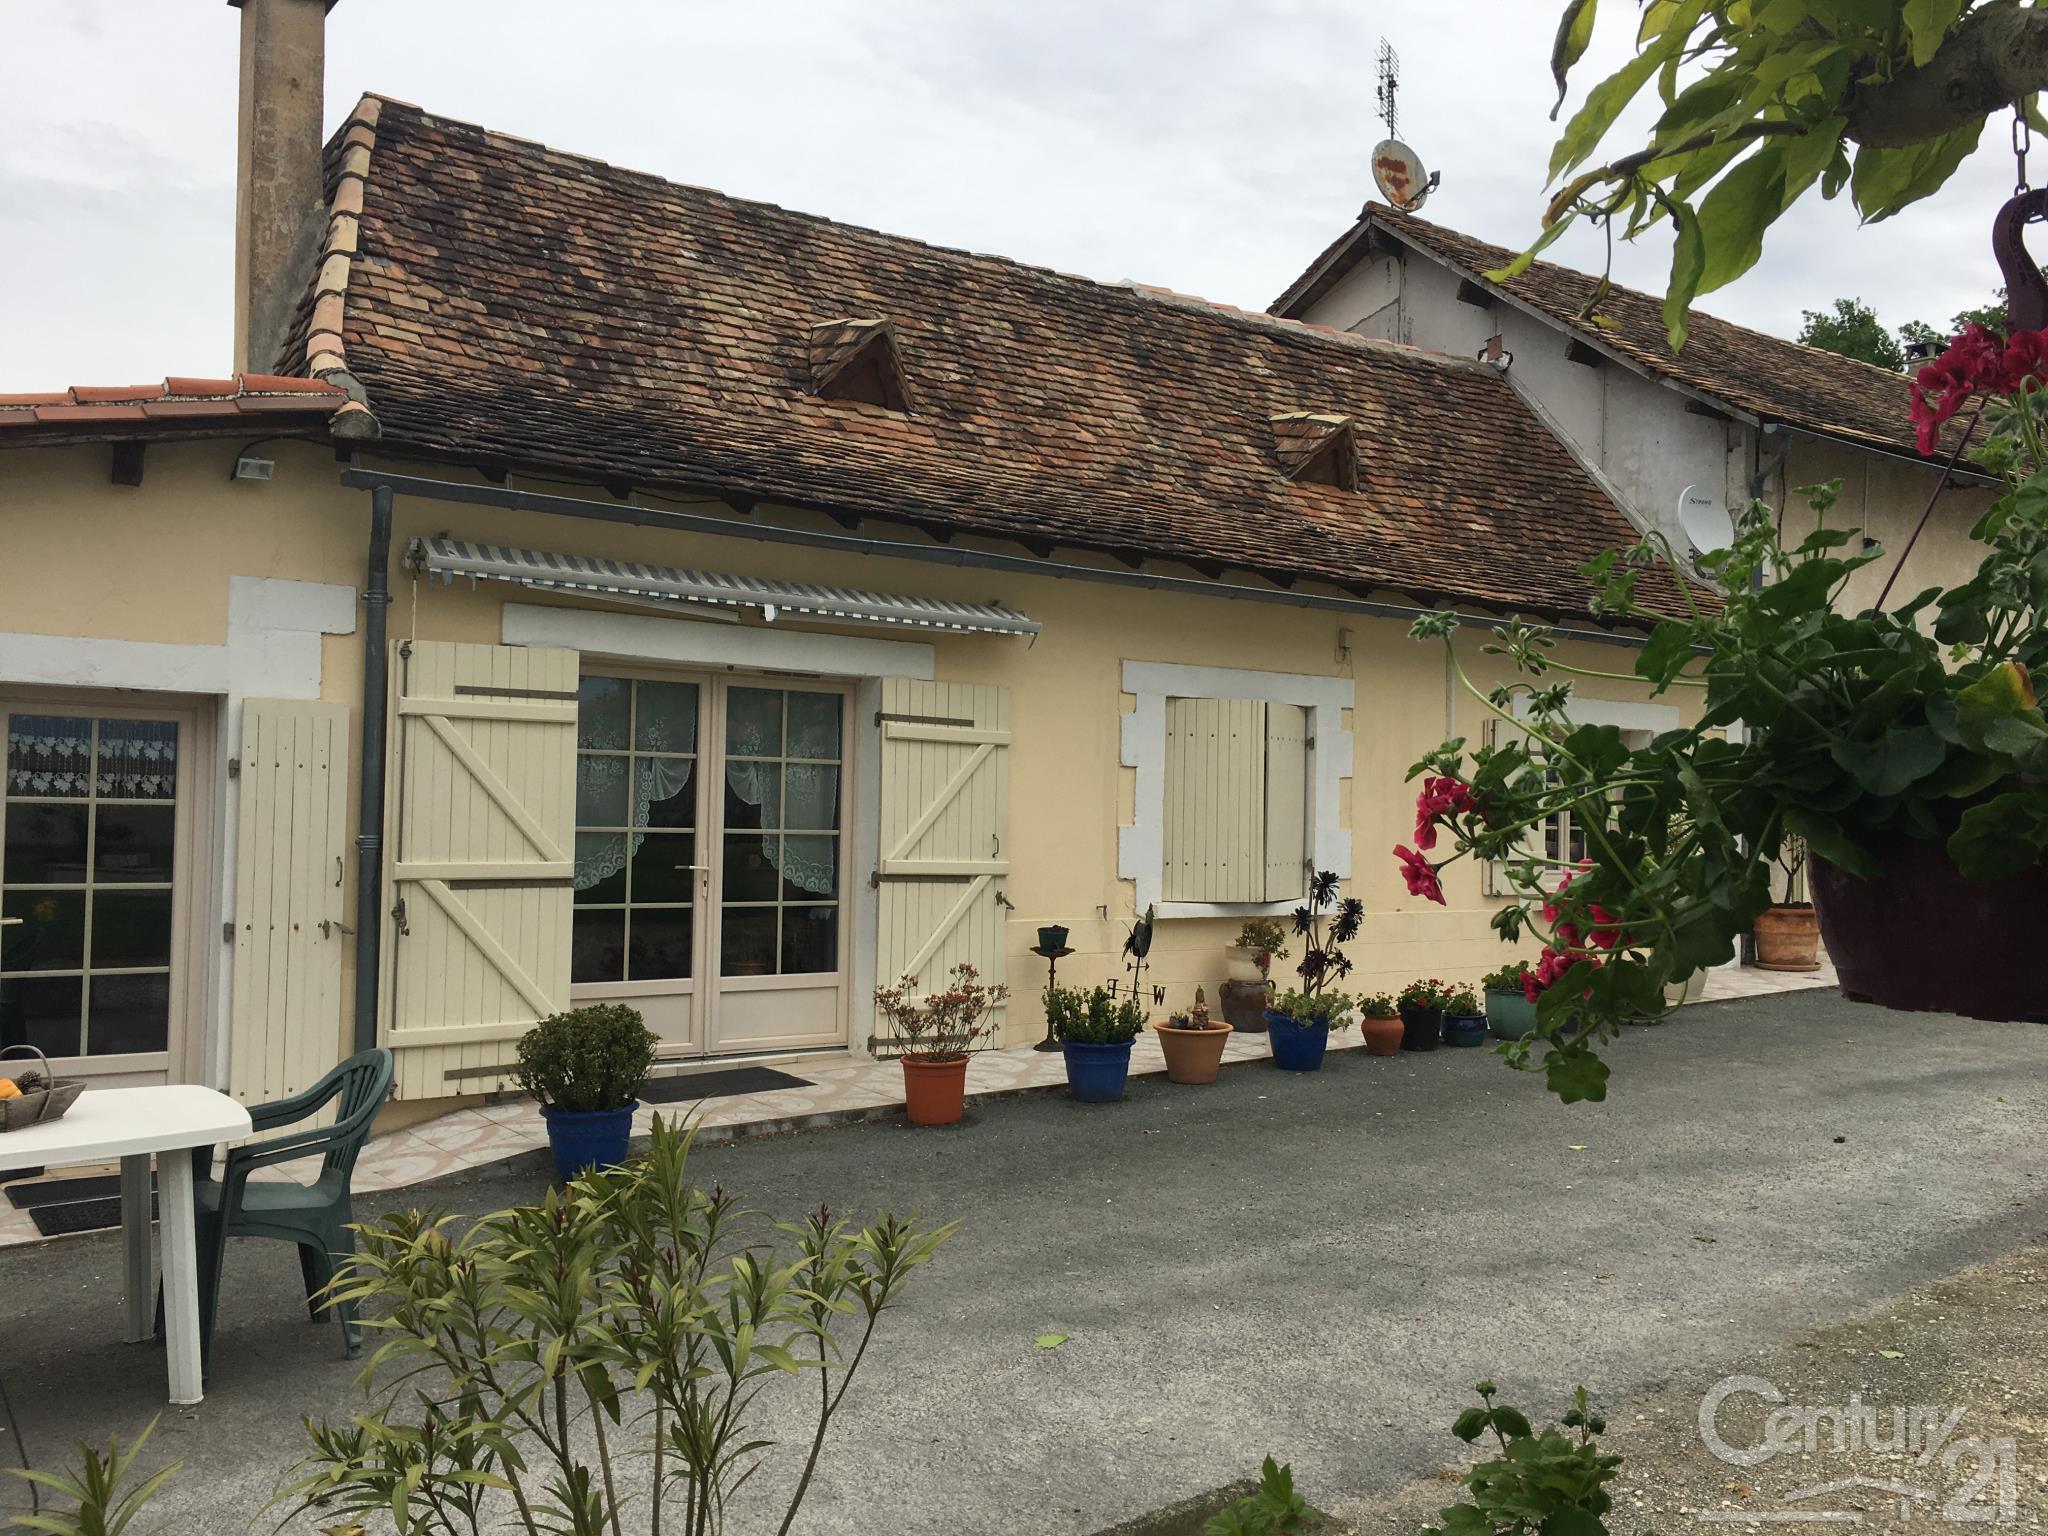 Annonce location maison montpon m nest rol 24700 104 for Annonces location maison